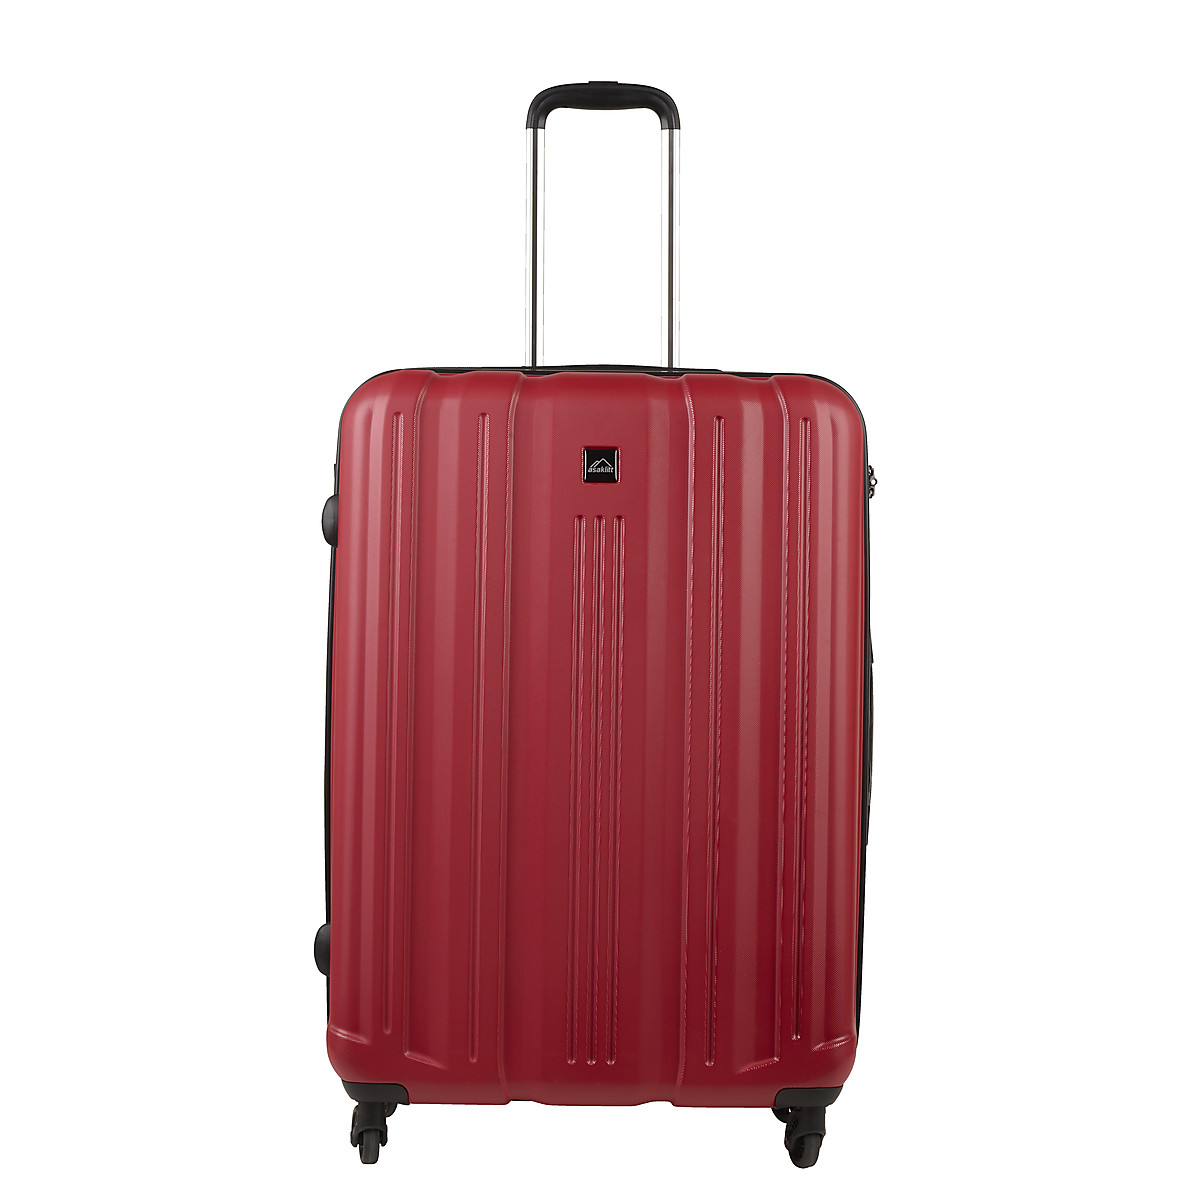 Resväska Asaklitt röd